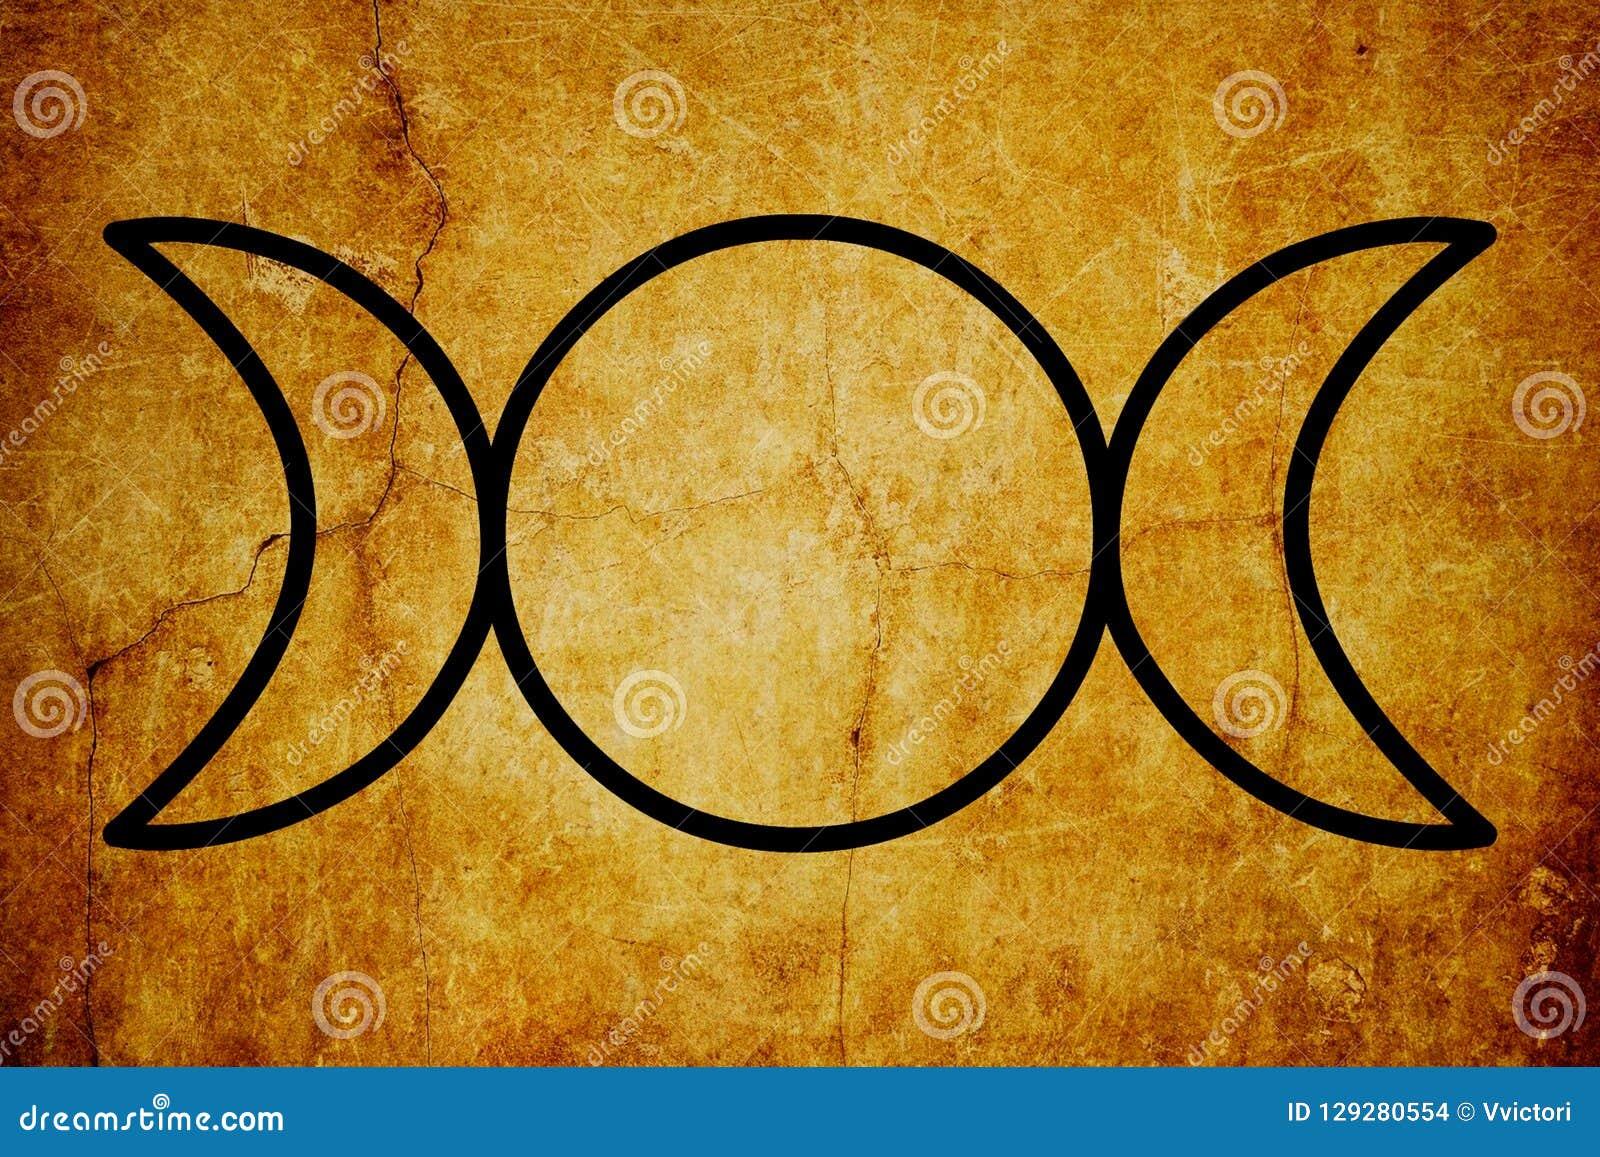 El fondo mágico del vintage de los símbolos del símbolo triple de la diosa